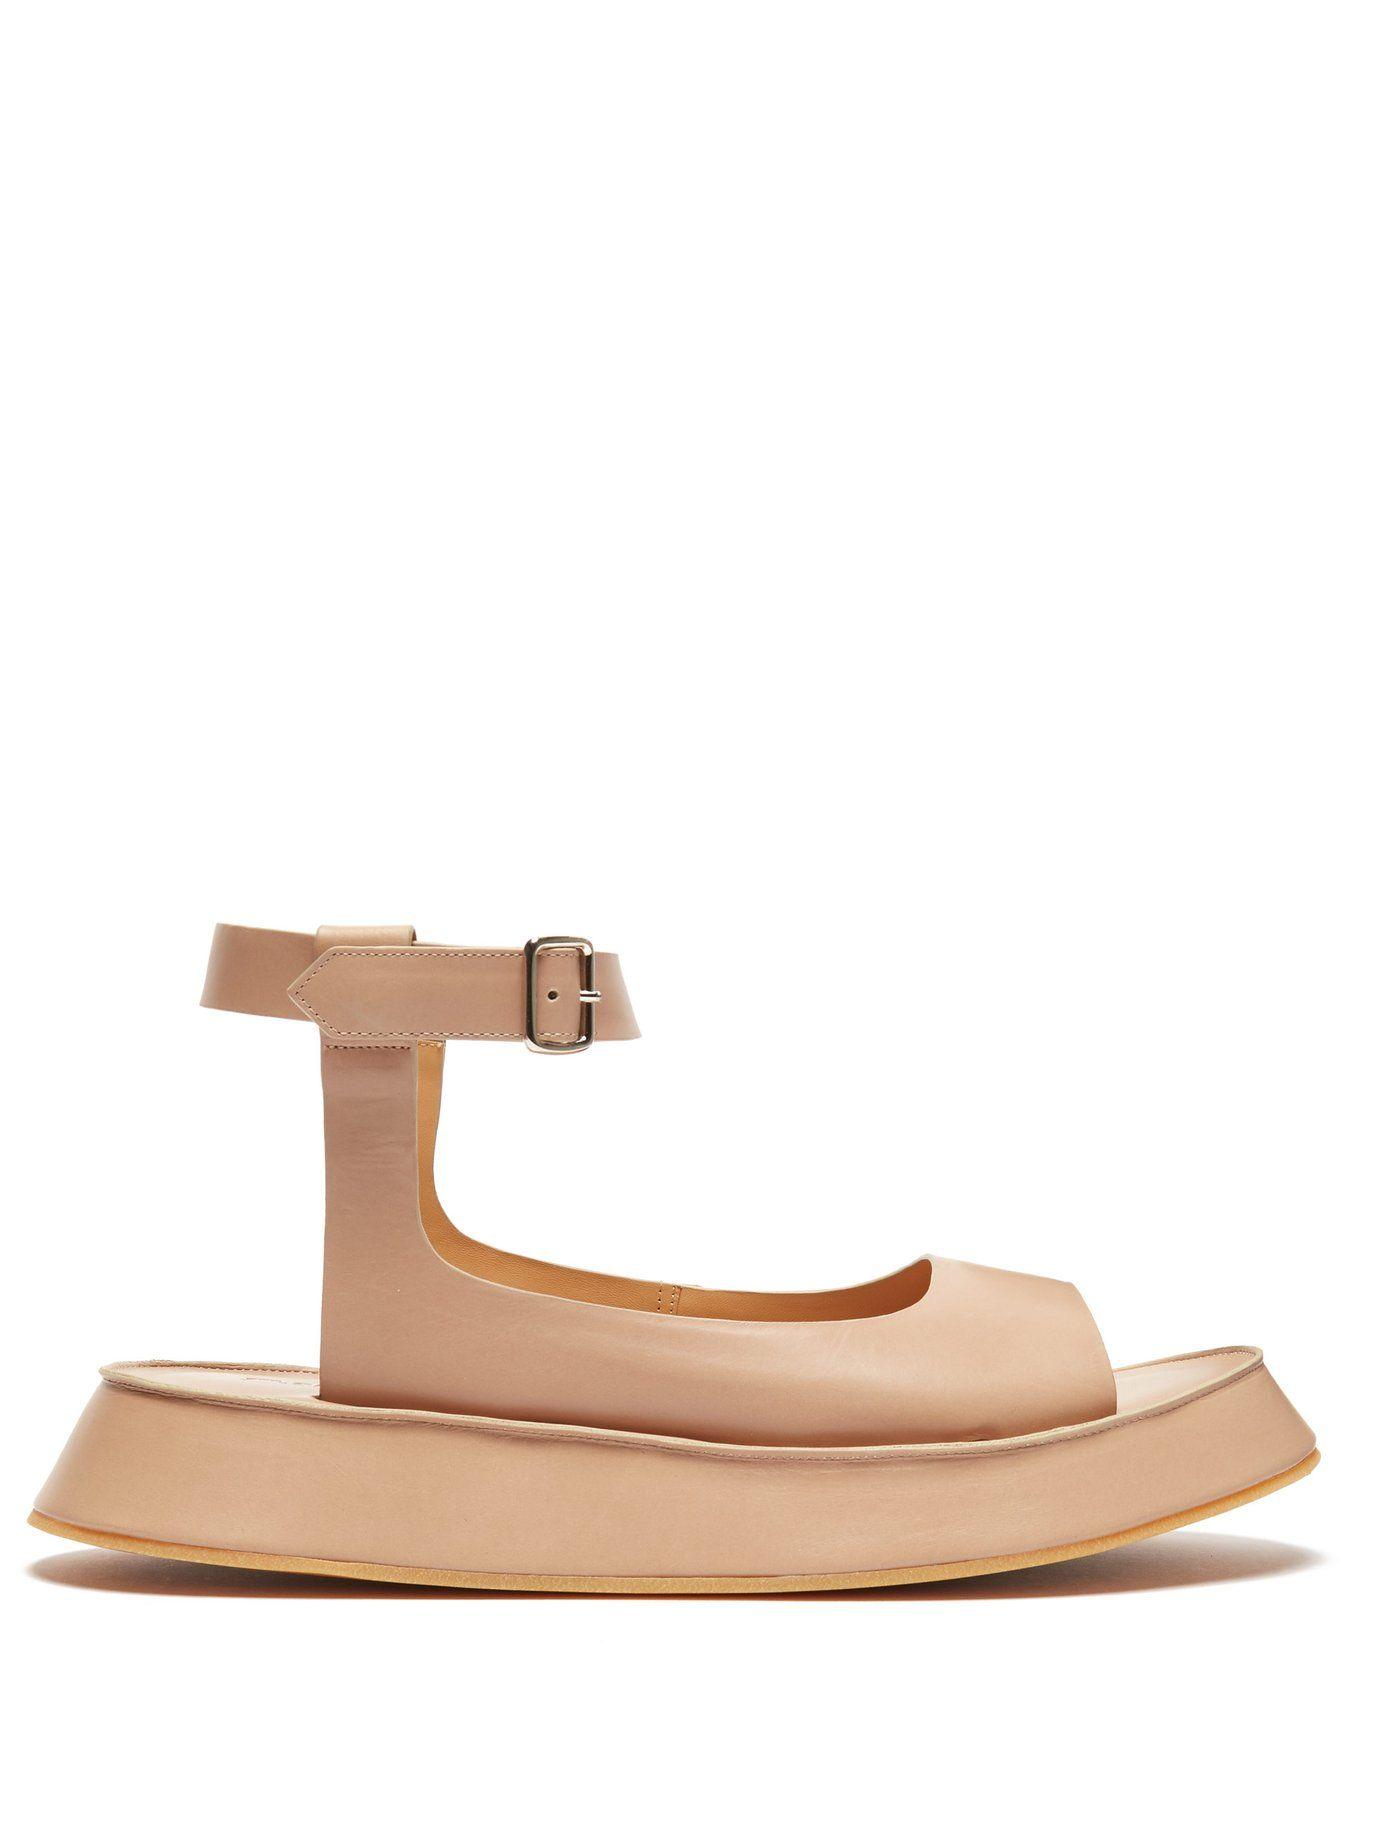 a0a19f9aee Leather flatform sandals | Jil Sander | MATCHESFASHION.COM US ...